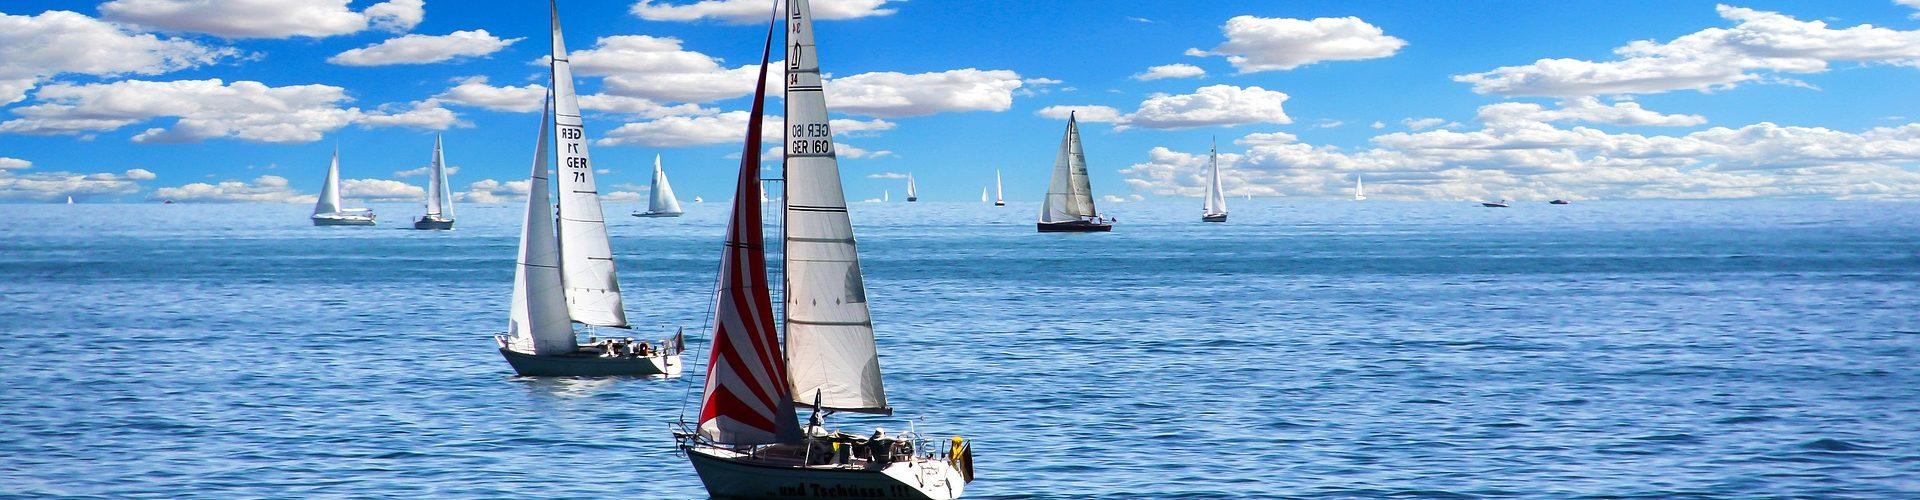 segeln lernen in Barßel segelschein machen in Barßel 1920x500 - Segeln lernen in Barßel